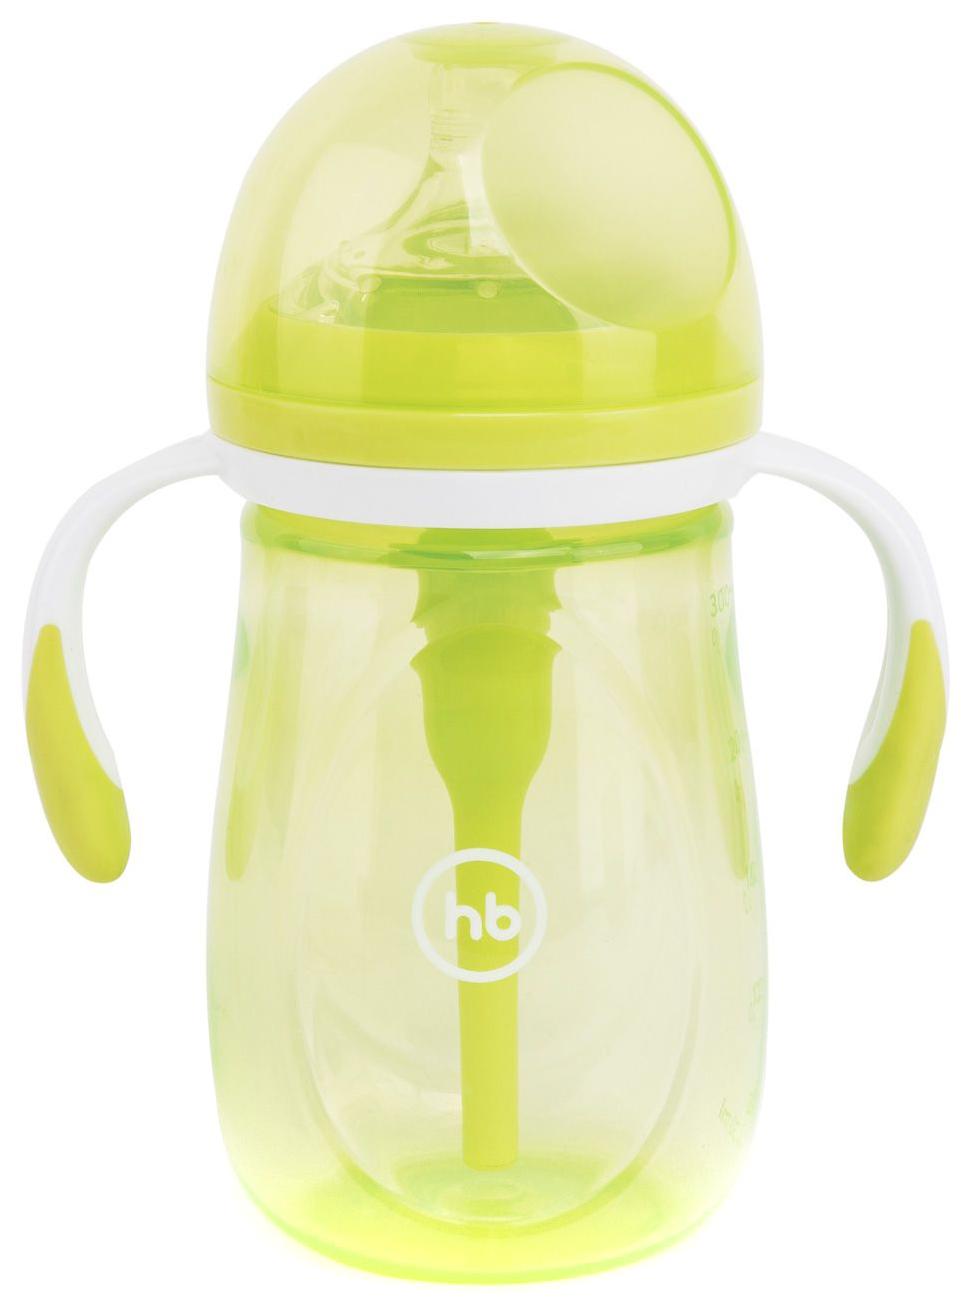 Бутылочка антиколиковая Happy baby с ручками и силиконовой соской 300 мл Lime